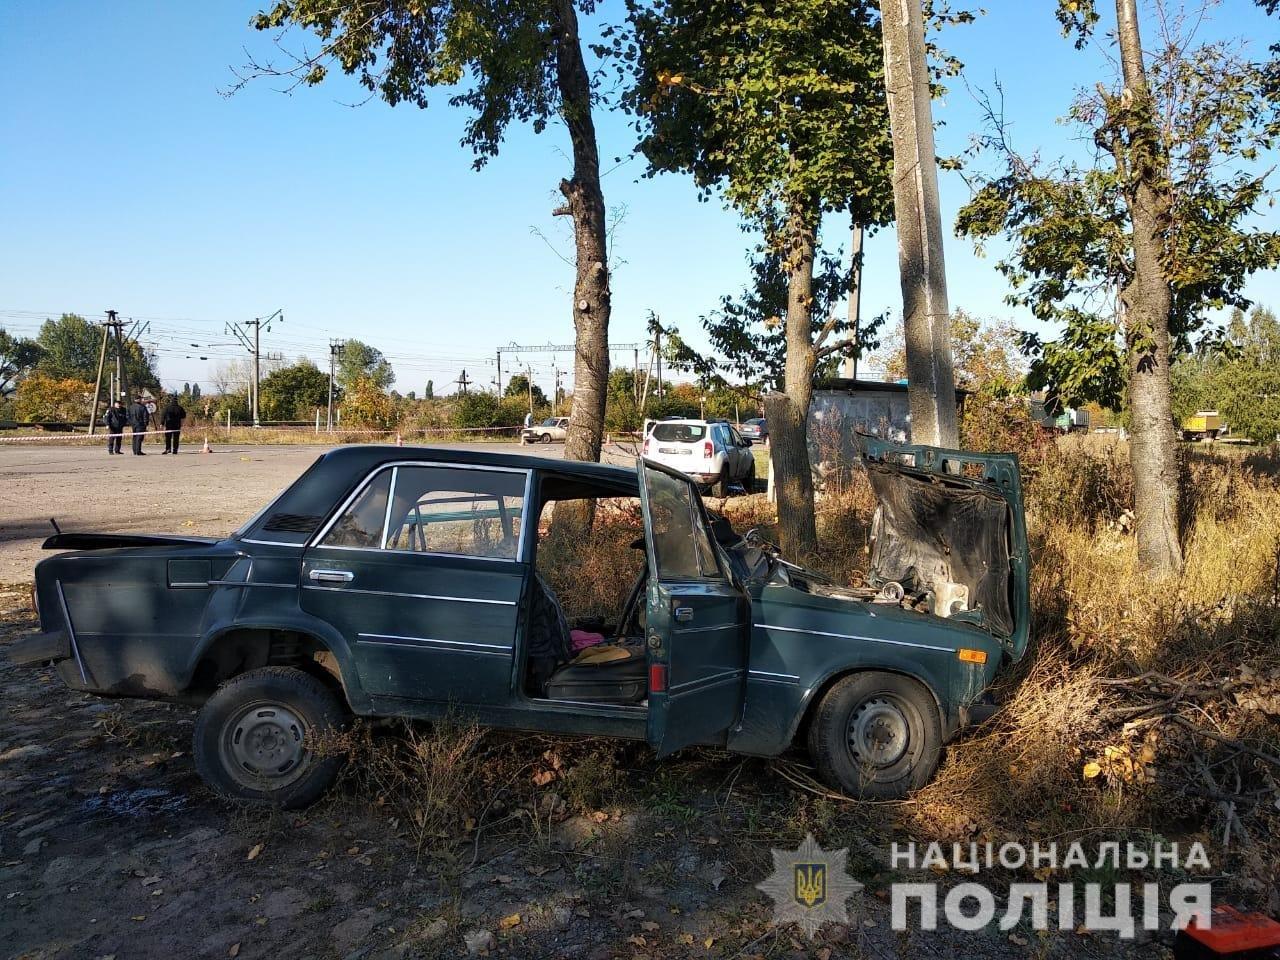 На железнодорожном переезде в Одесской области в ДТП погиб человек, - ФОТО, ВИДЕО, фото-1